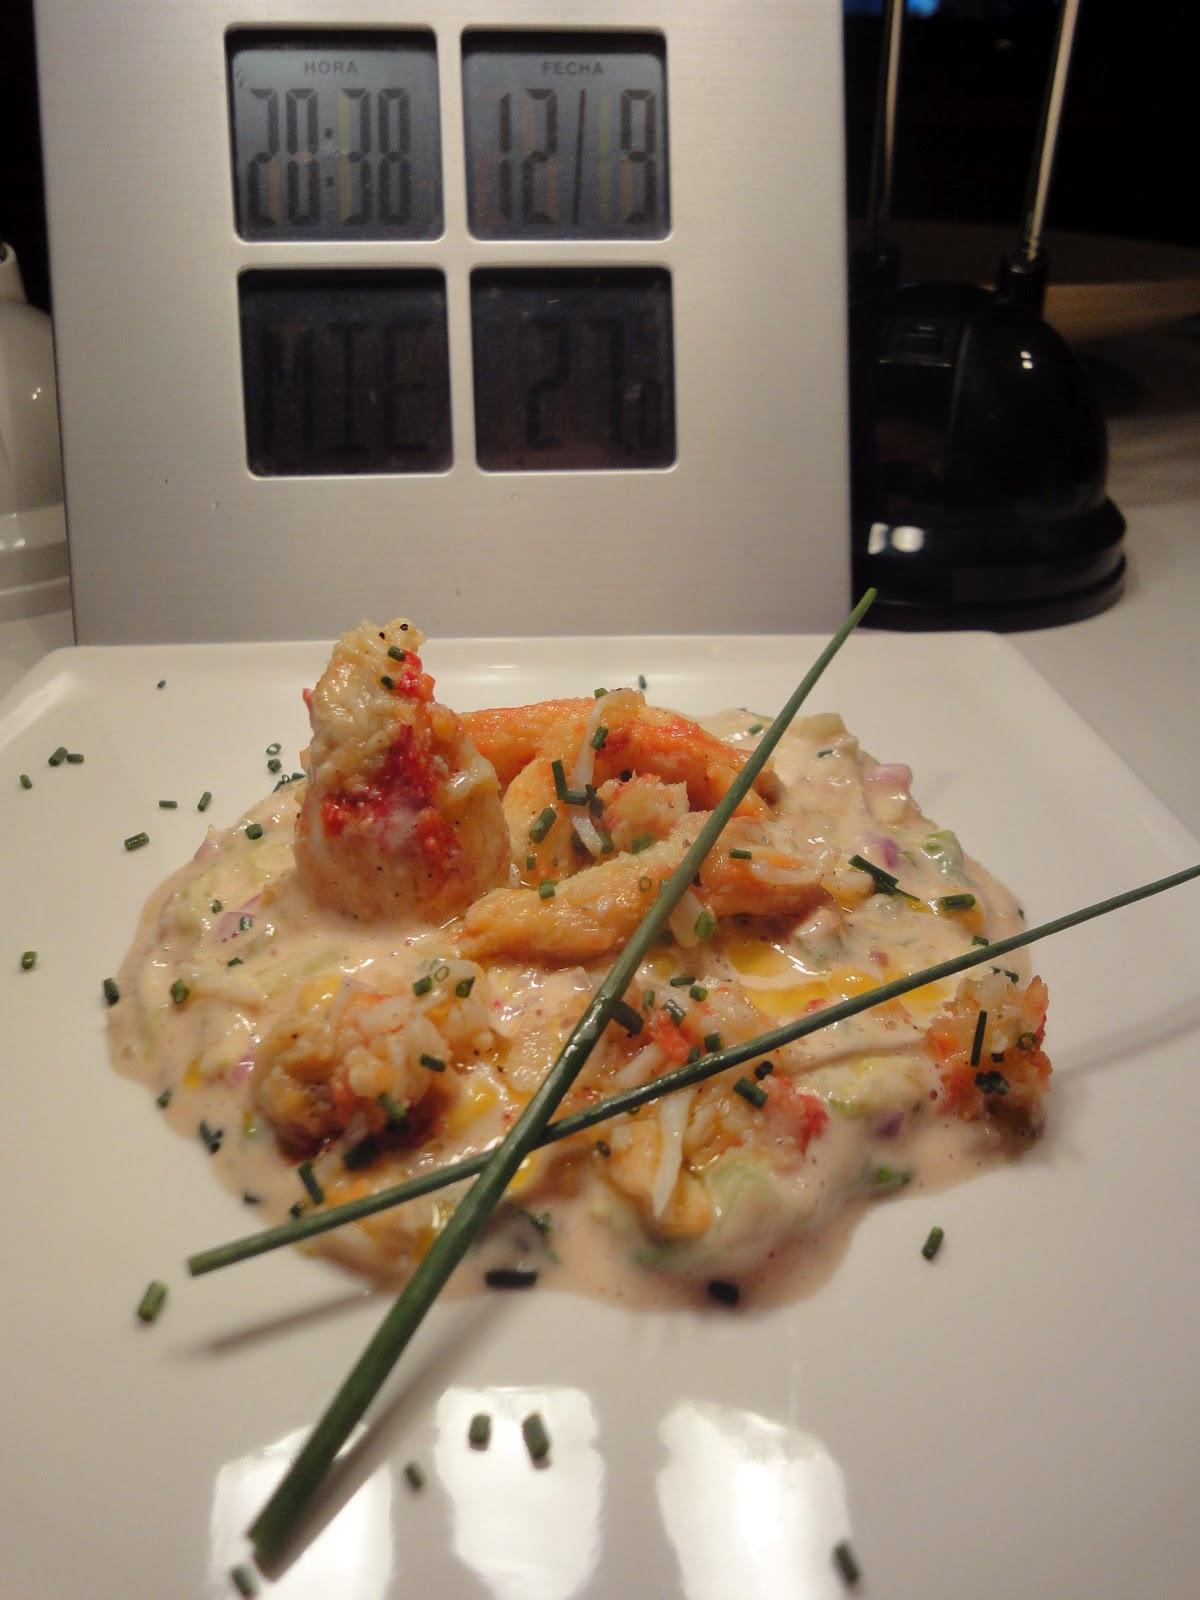 Clases de cocina zaragoza ensalada de patas de cangrejo real - Cursos de cocina zaragoza ...